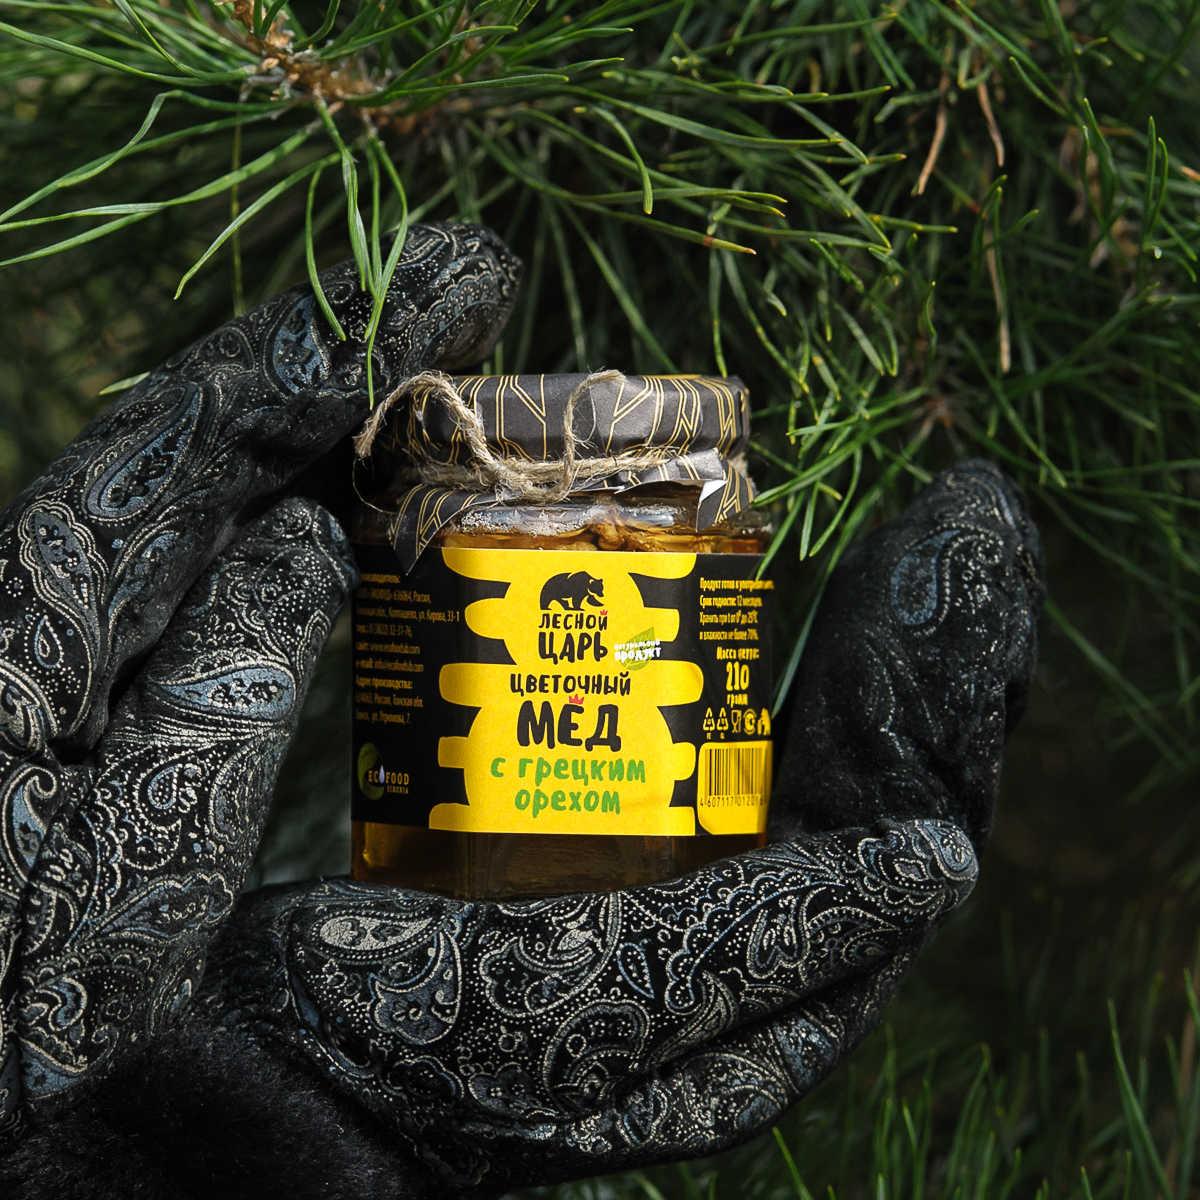 Мёд с грецким орехом 210 гр